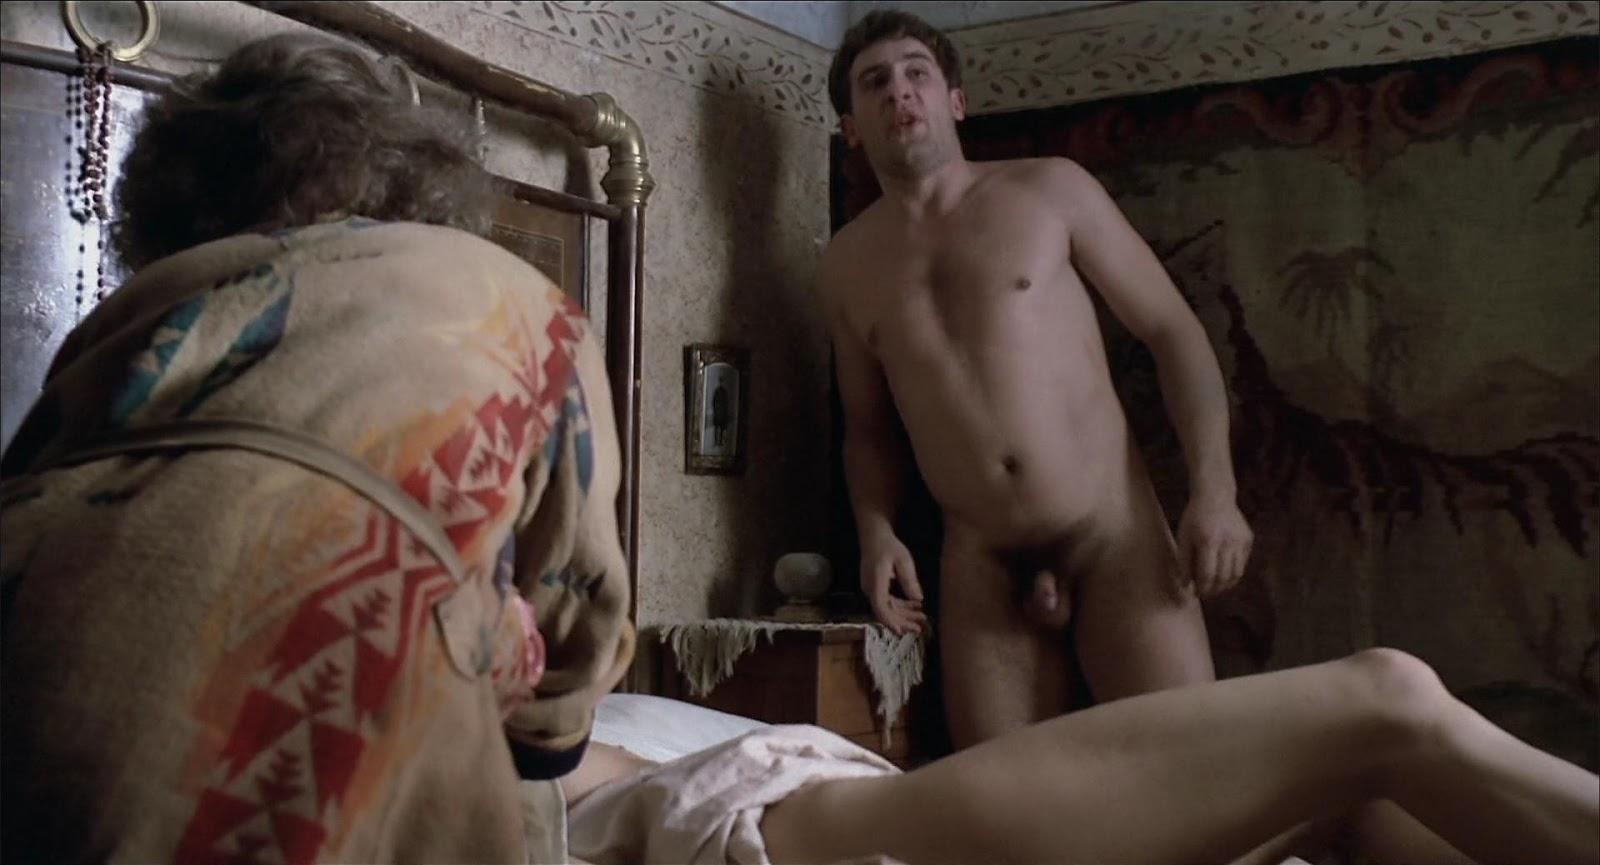 в каких художественных фильмах был реальный секс взрослый соображалистый говорящий